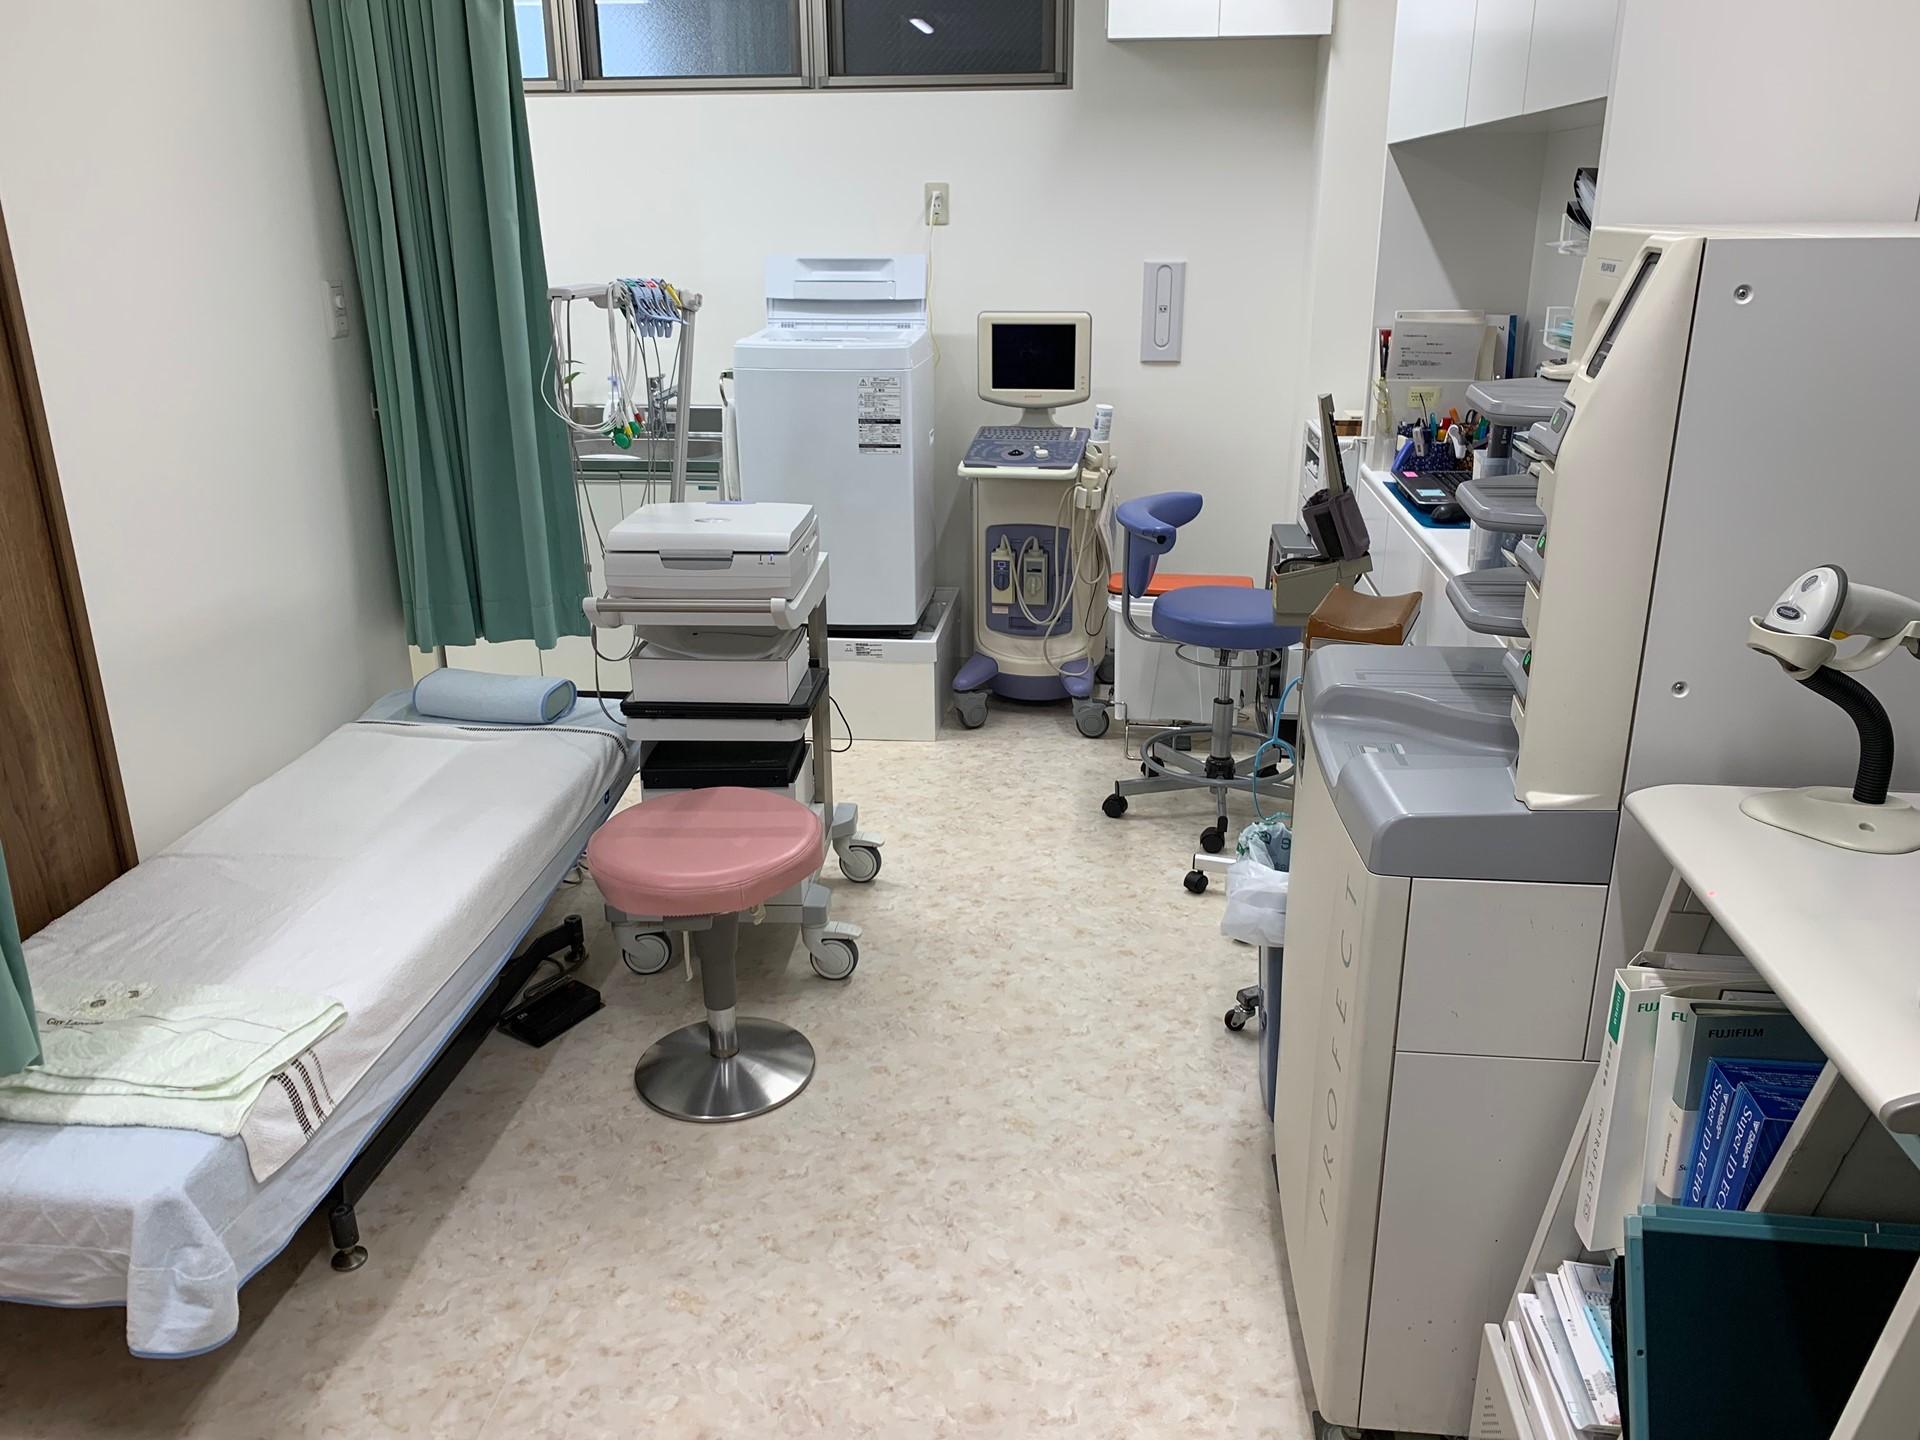 千葉県市川市ひろ消化器内科クリニック処置室